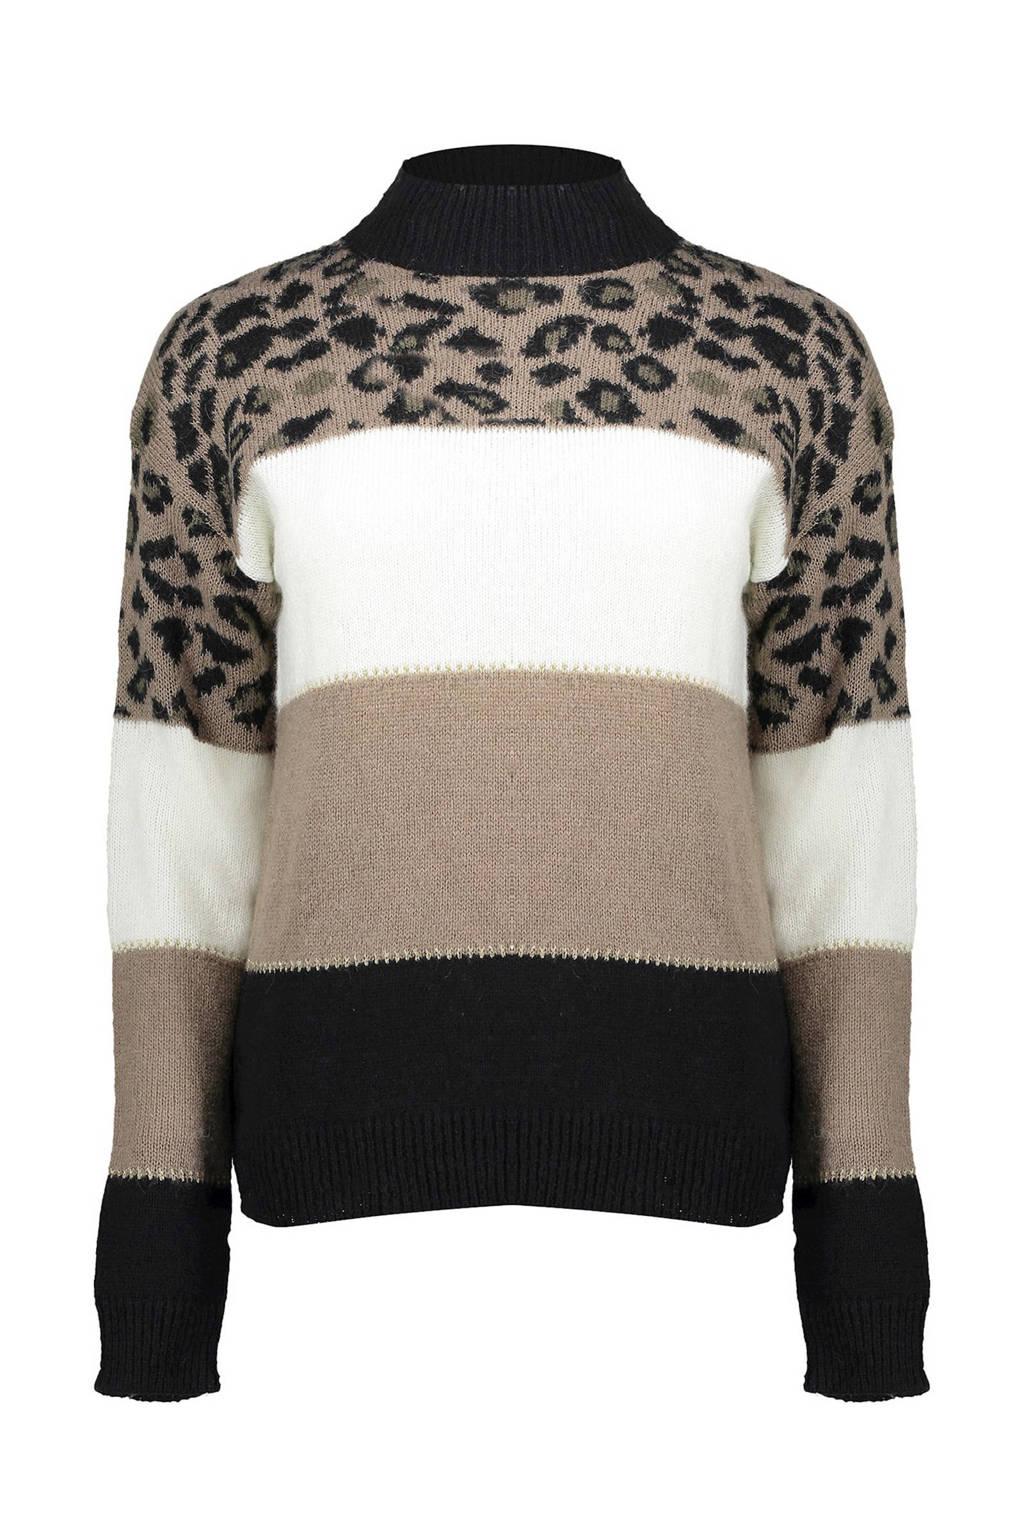 Geisha fijngebreide trui met wol beige/zwart/wit, Beige/zwart/wit